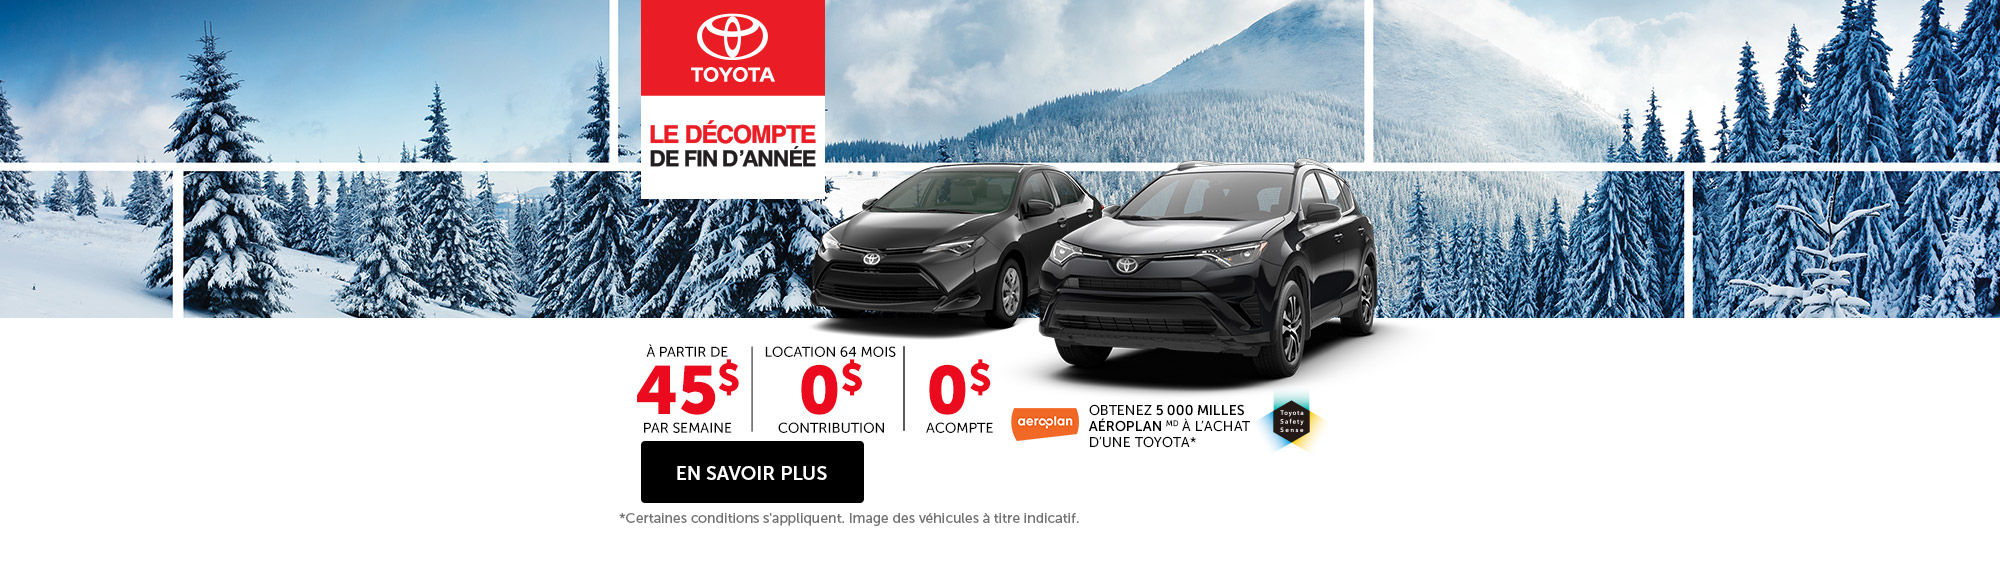 L'événement de Toyota